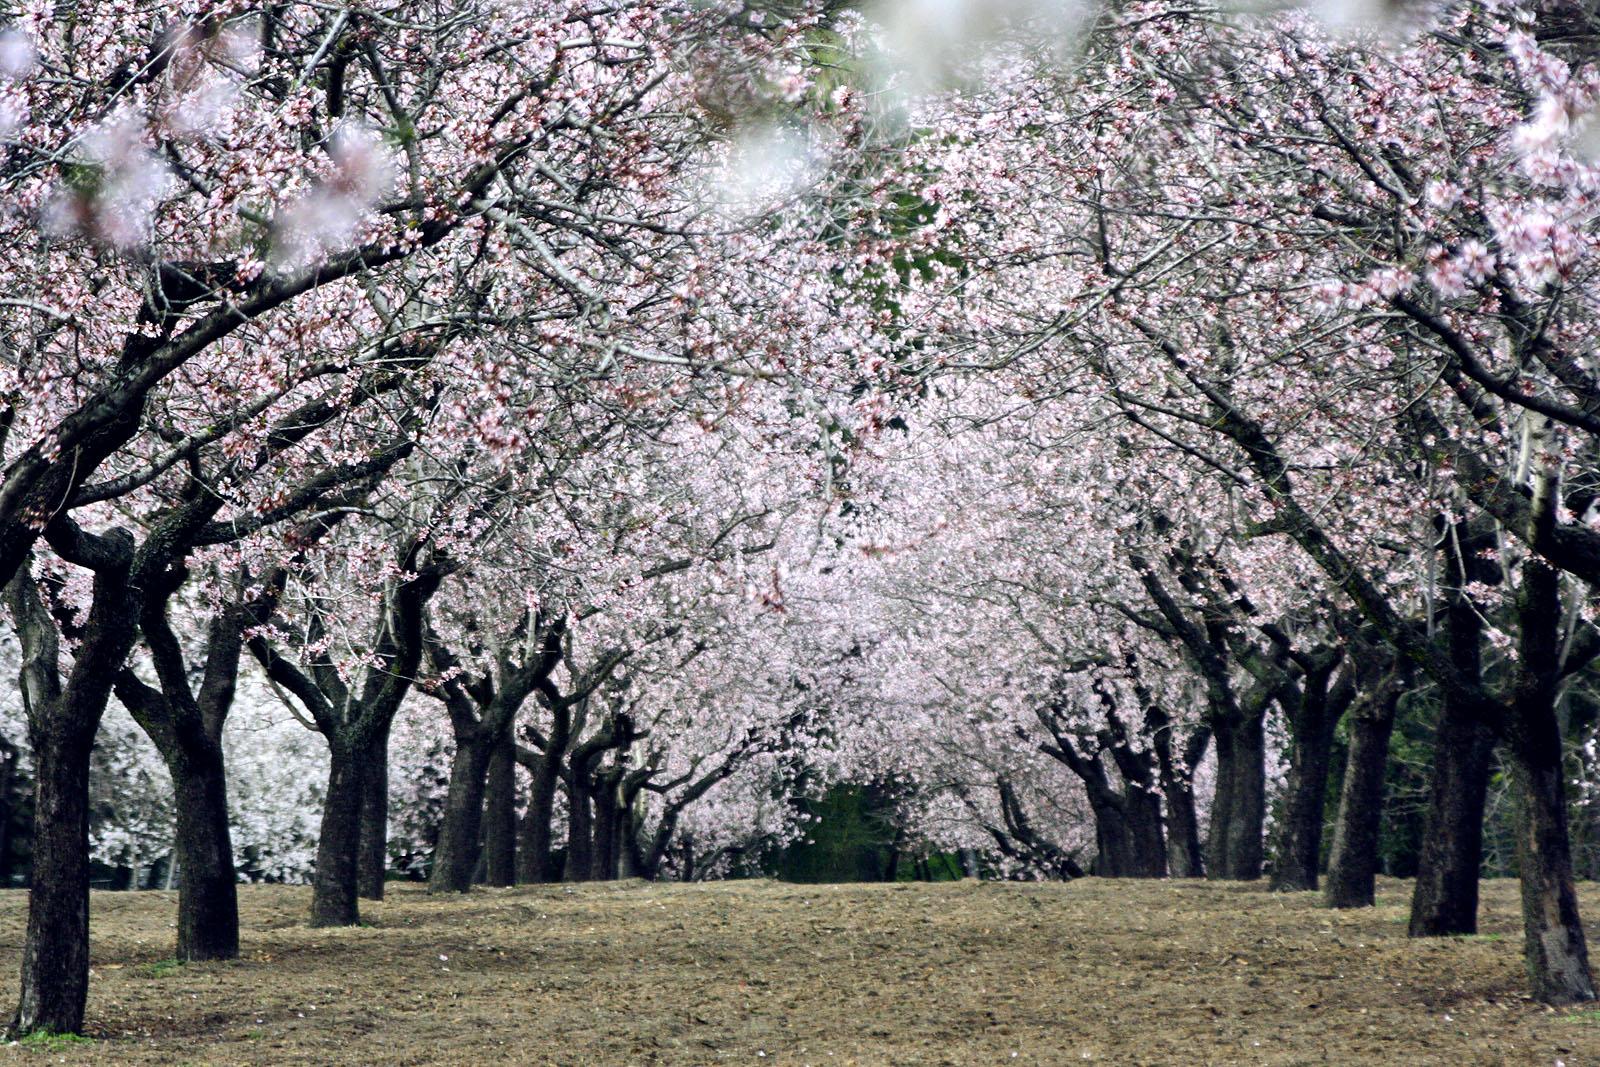 Parque Quinta de los Molinos in spring.